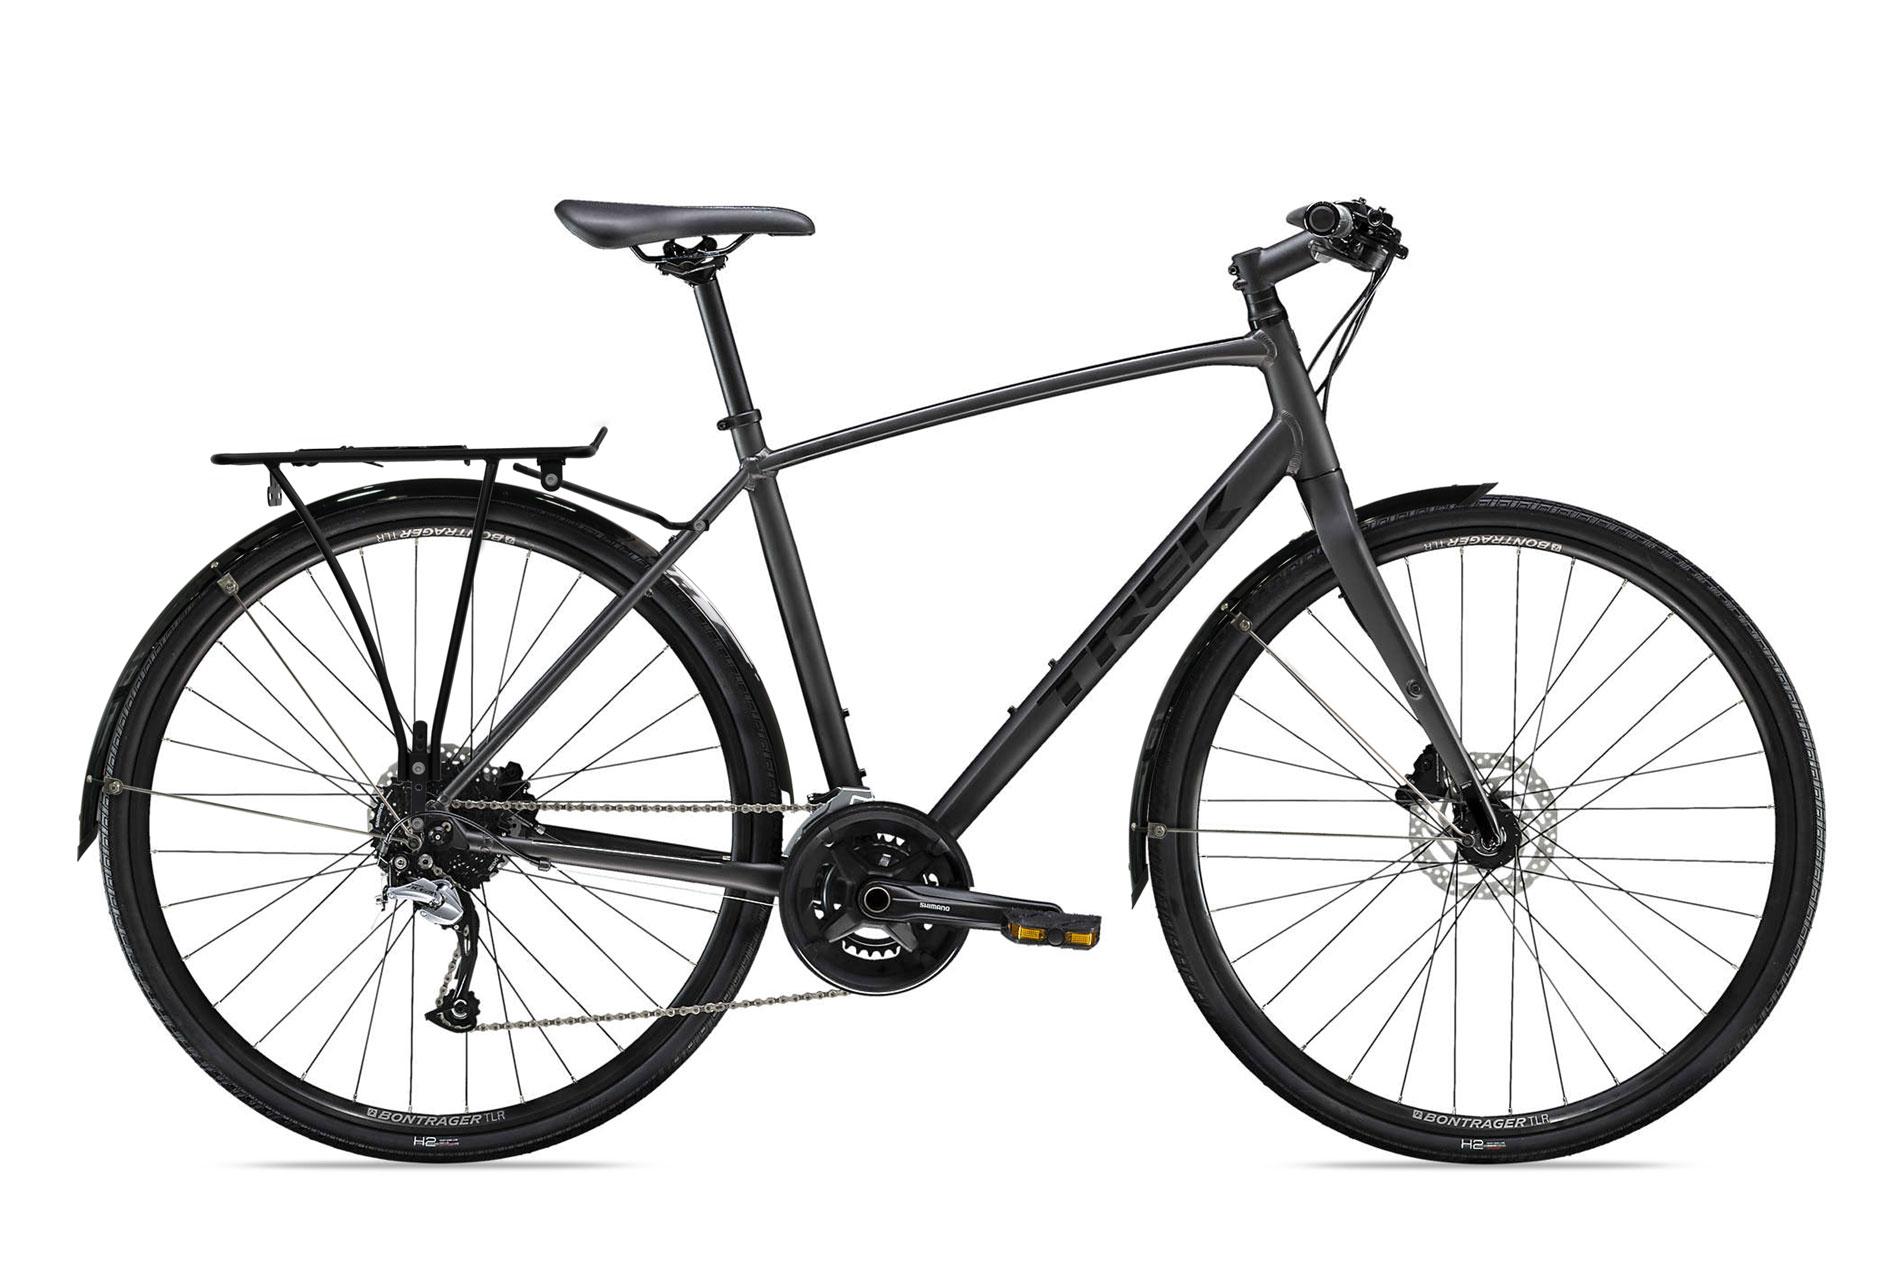 xe dap thanh pho Trek FX 3 Disc fitness bike